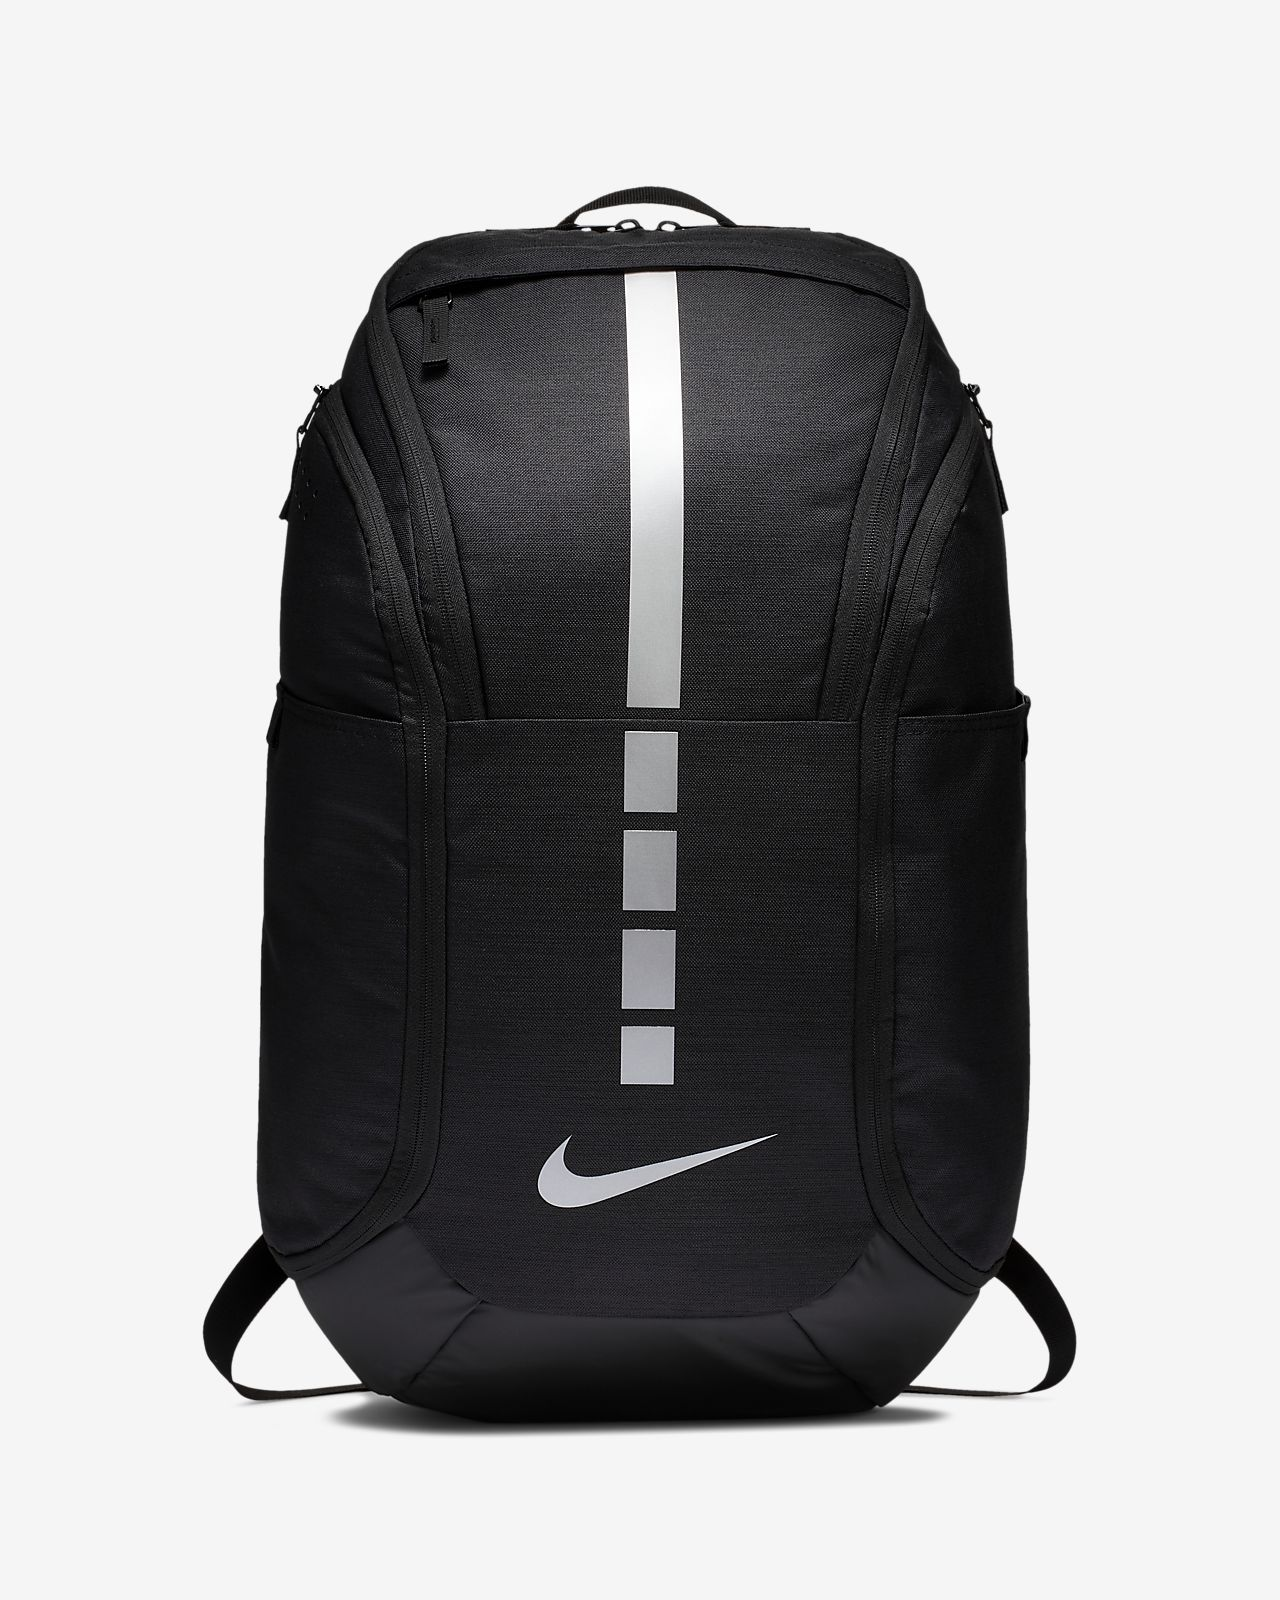 fb23b31ed26c7 Plecak do koszykówki Nike Hoops Elite Pro. Nike.com PL